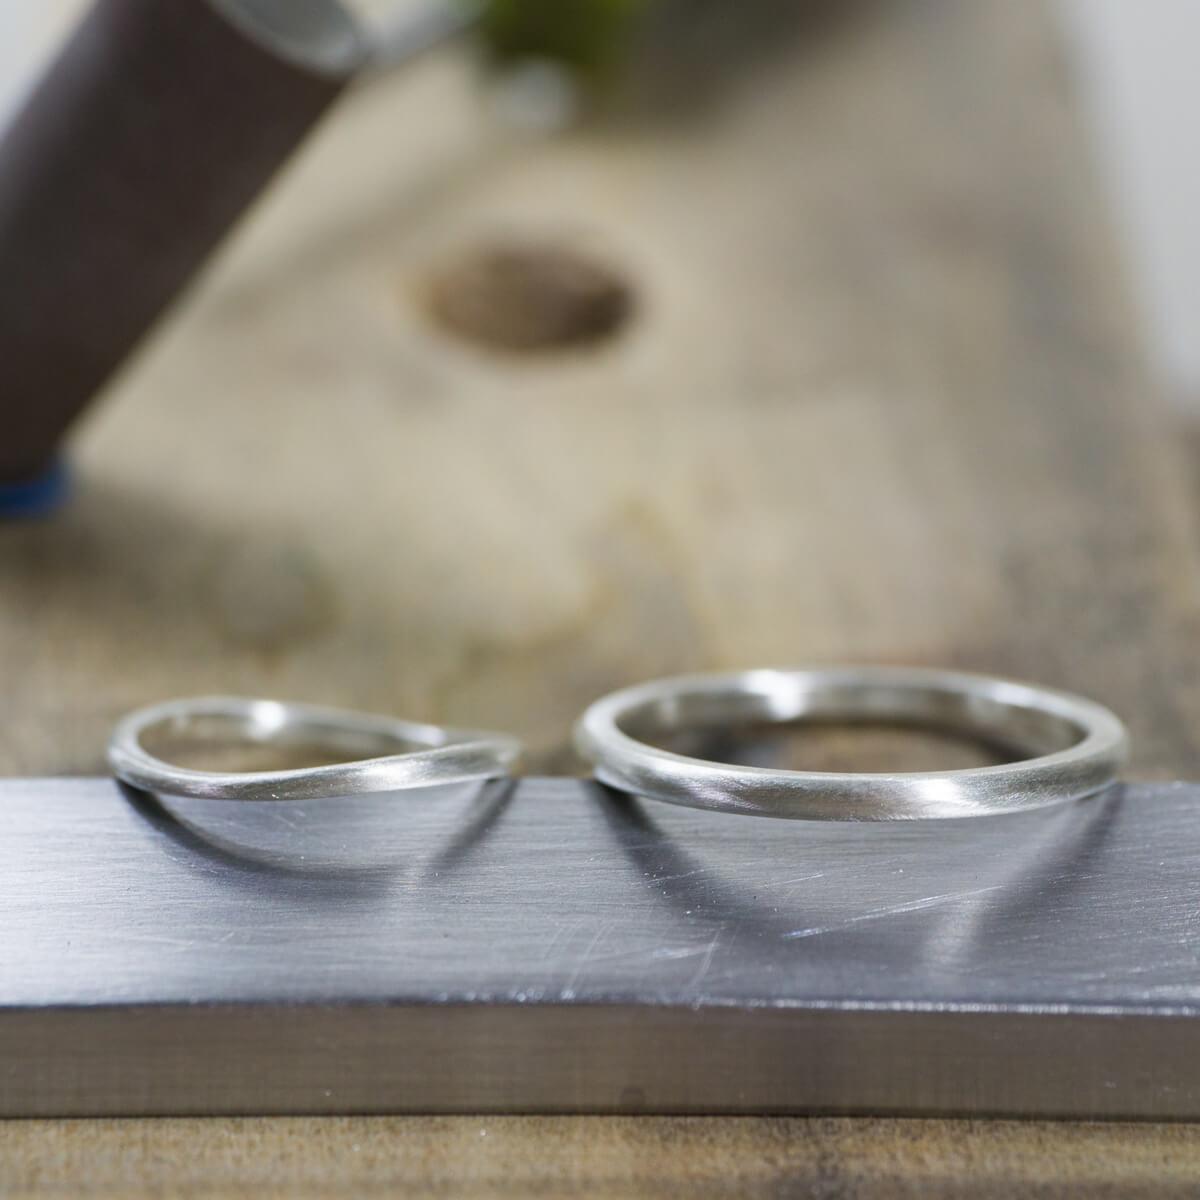 場面4 オーダーメイド結婚指輪 サンプルリングの制作風景 シルバー 屋久島でつくる結婚指輪